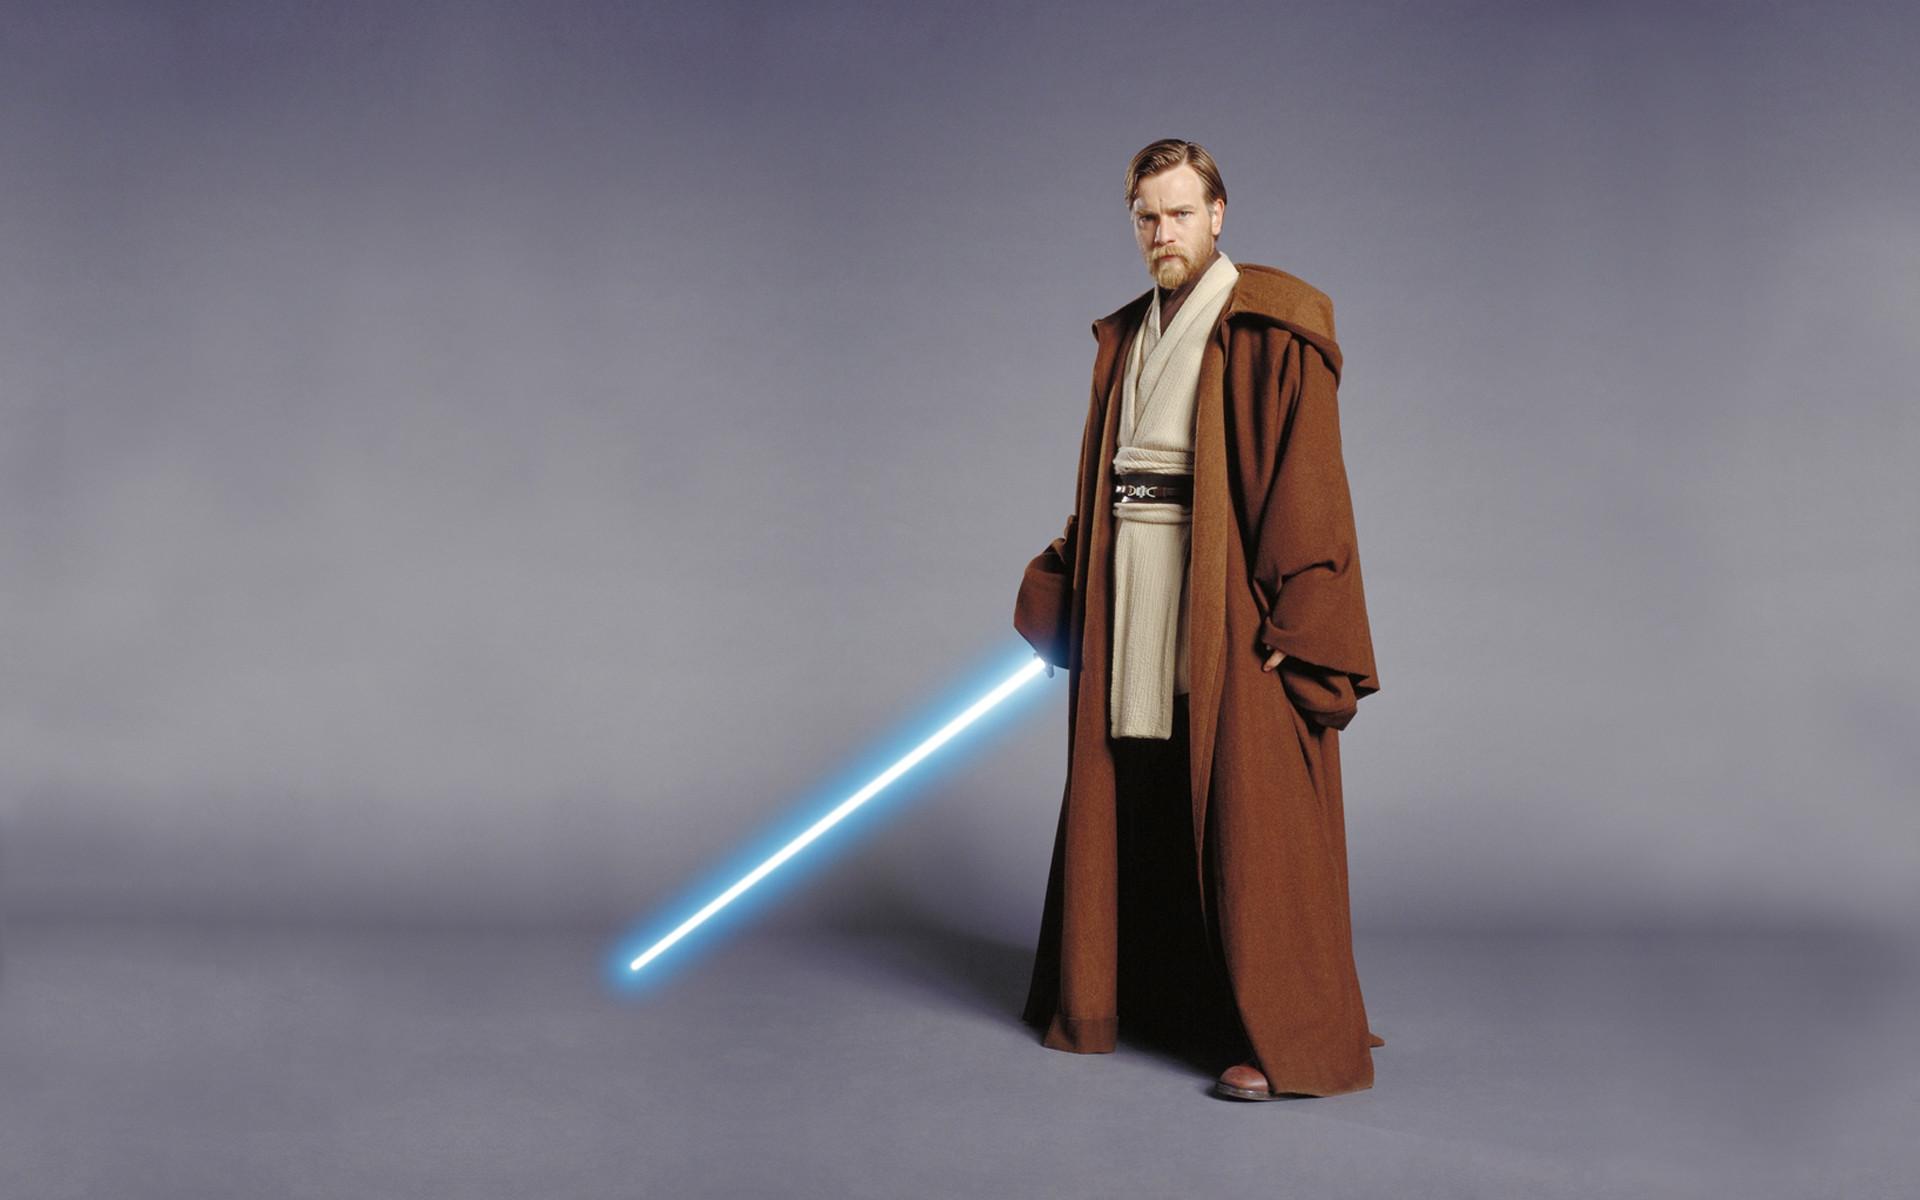 Obi Wan Kenobi Episode 3 Lightsaber